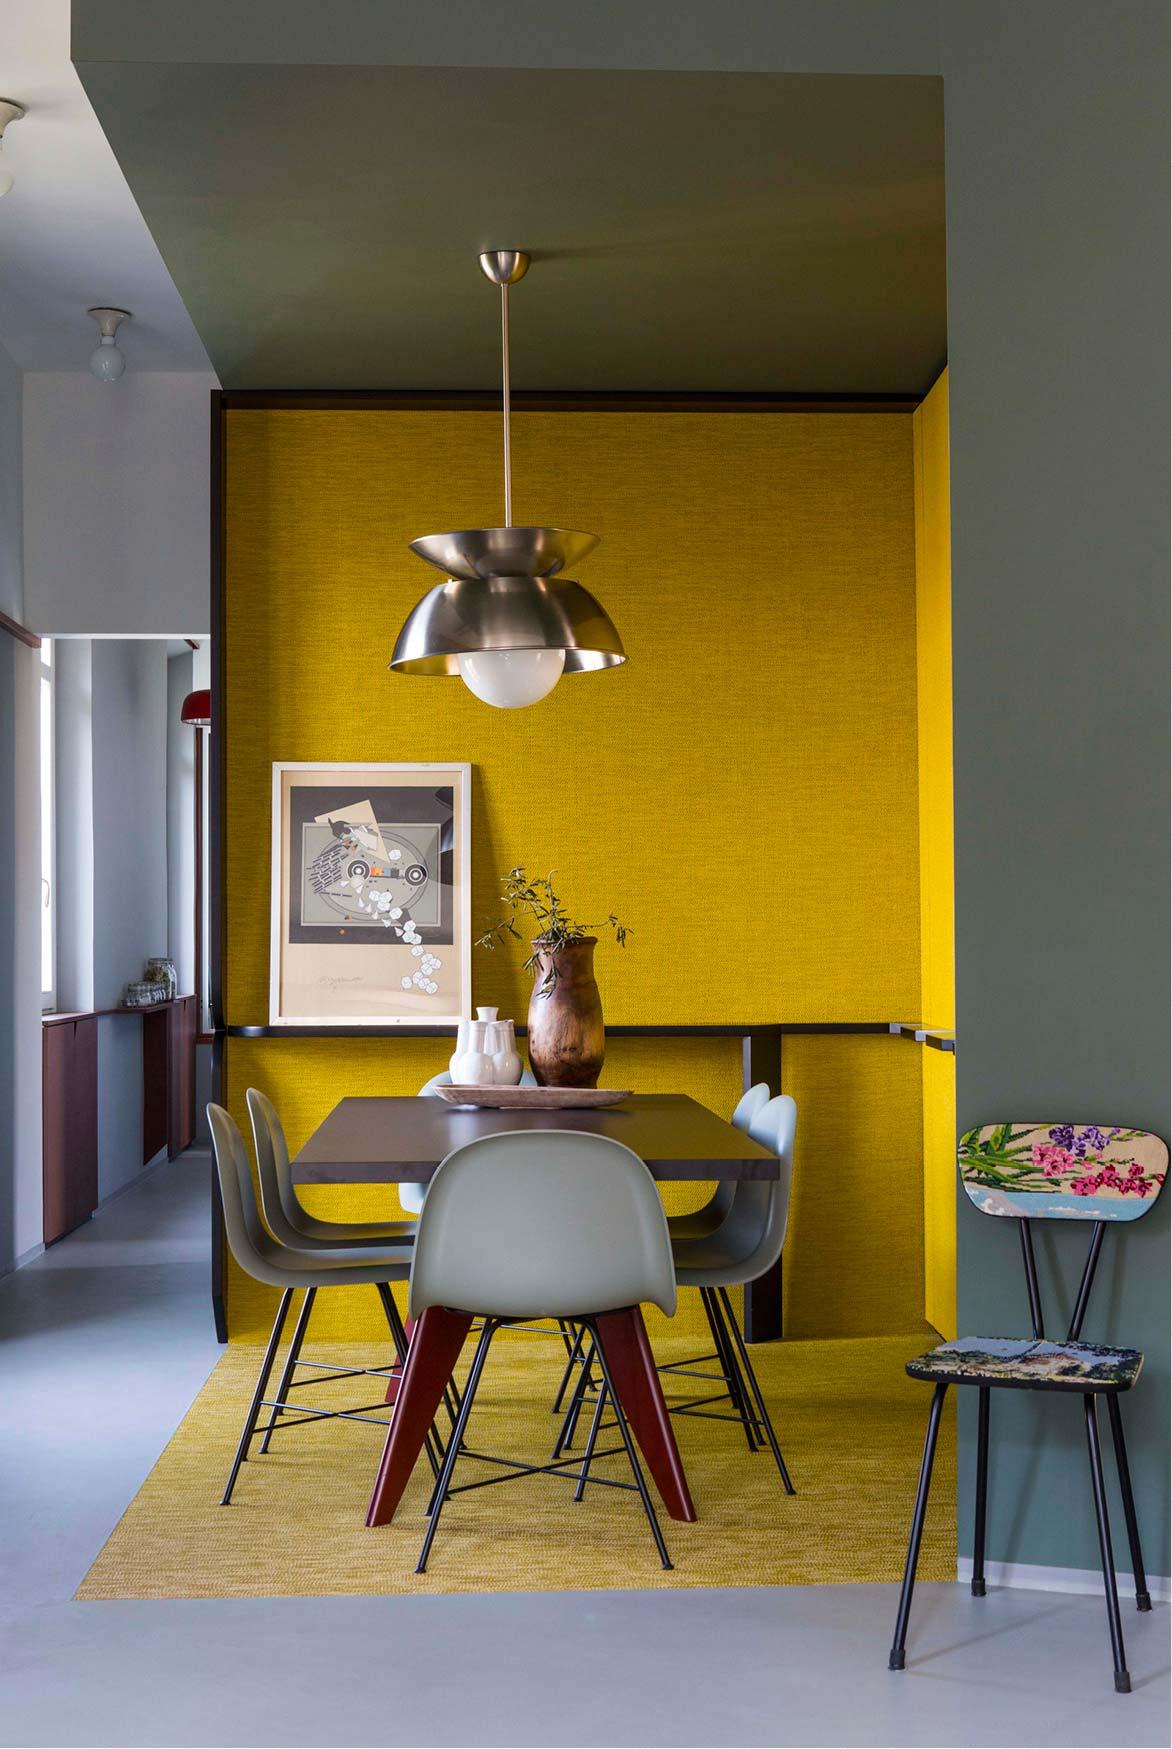 Жёлтый цвет в интерьере фото 2